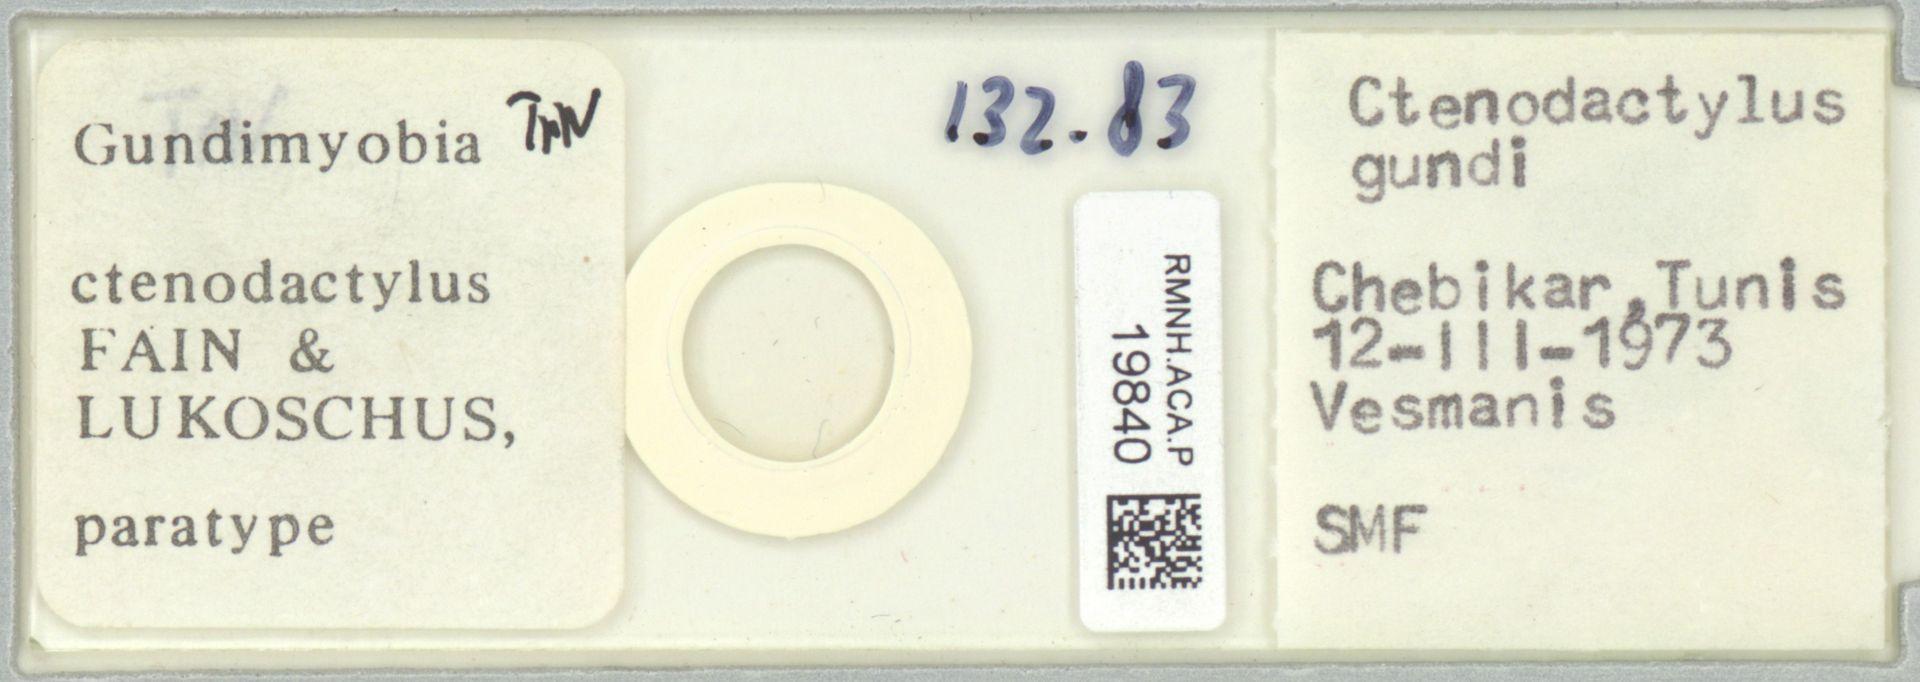 RMNH.ACA.P.19840 | Gundimyobia ctenodactylus Fain & Lukoschus